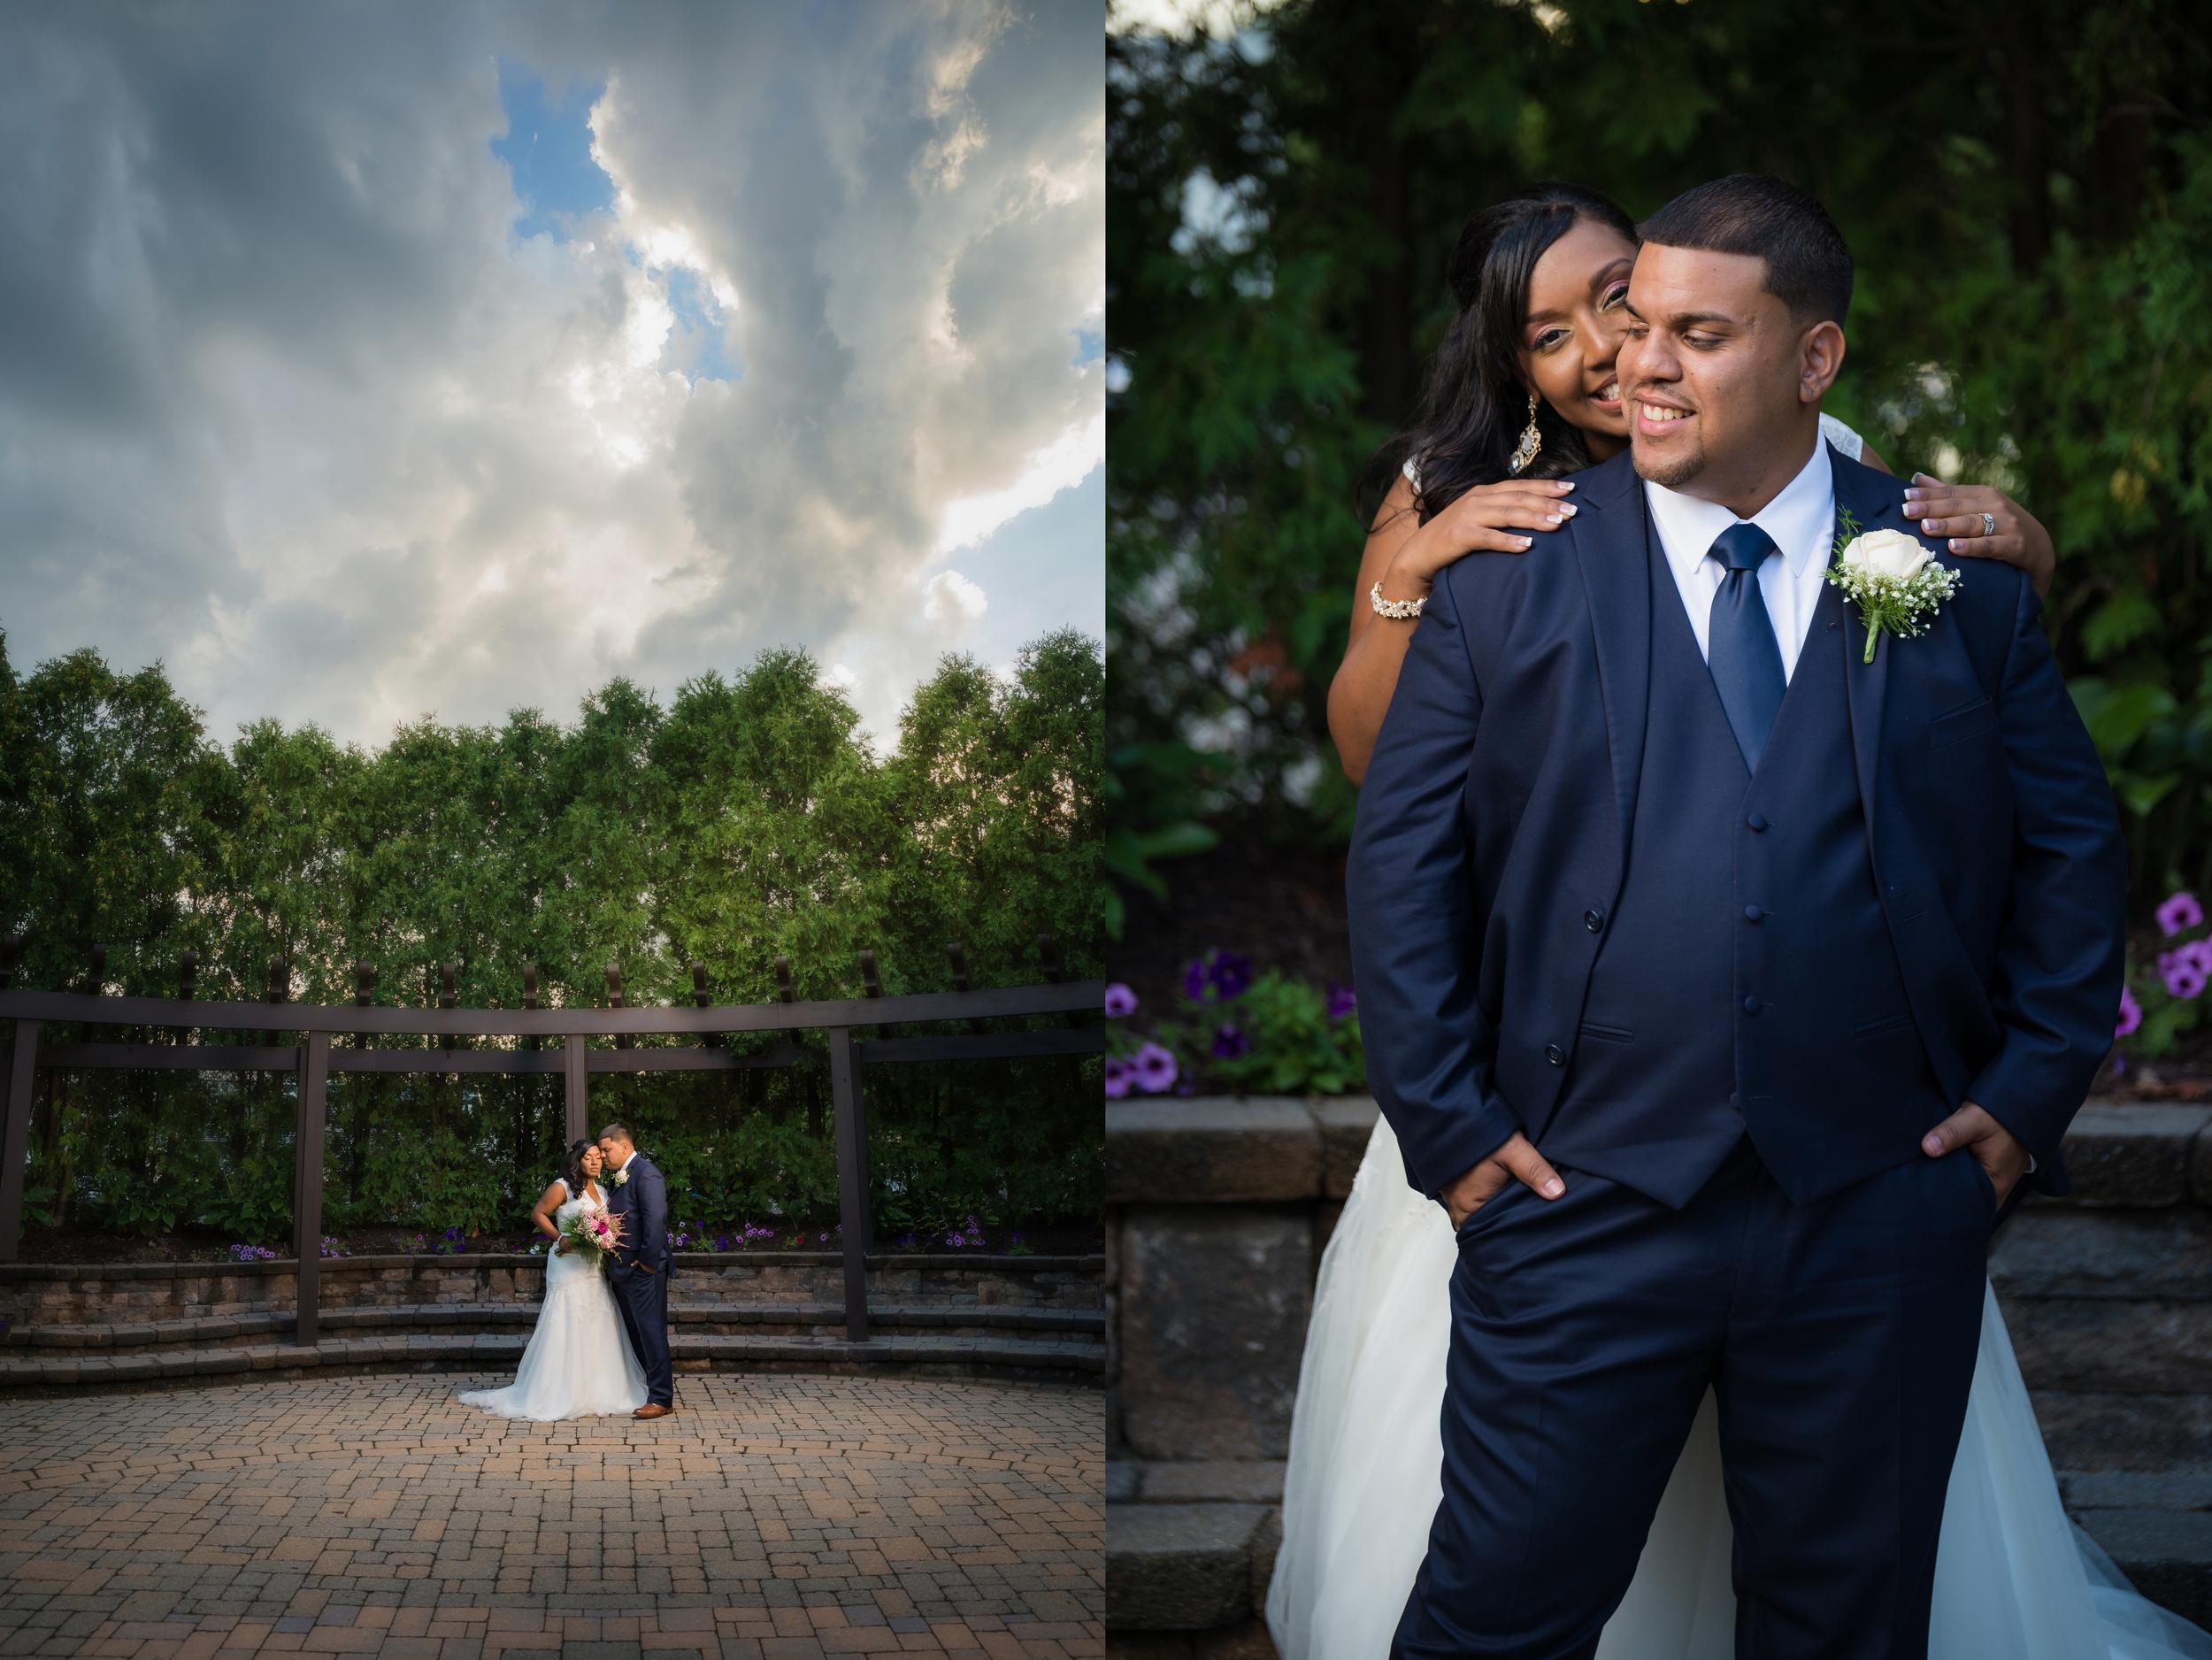 Isela-Josh-Wedding-Garcia-Photography-3901-4274.jpg